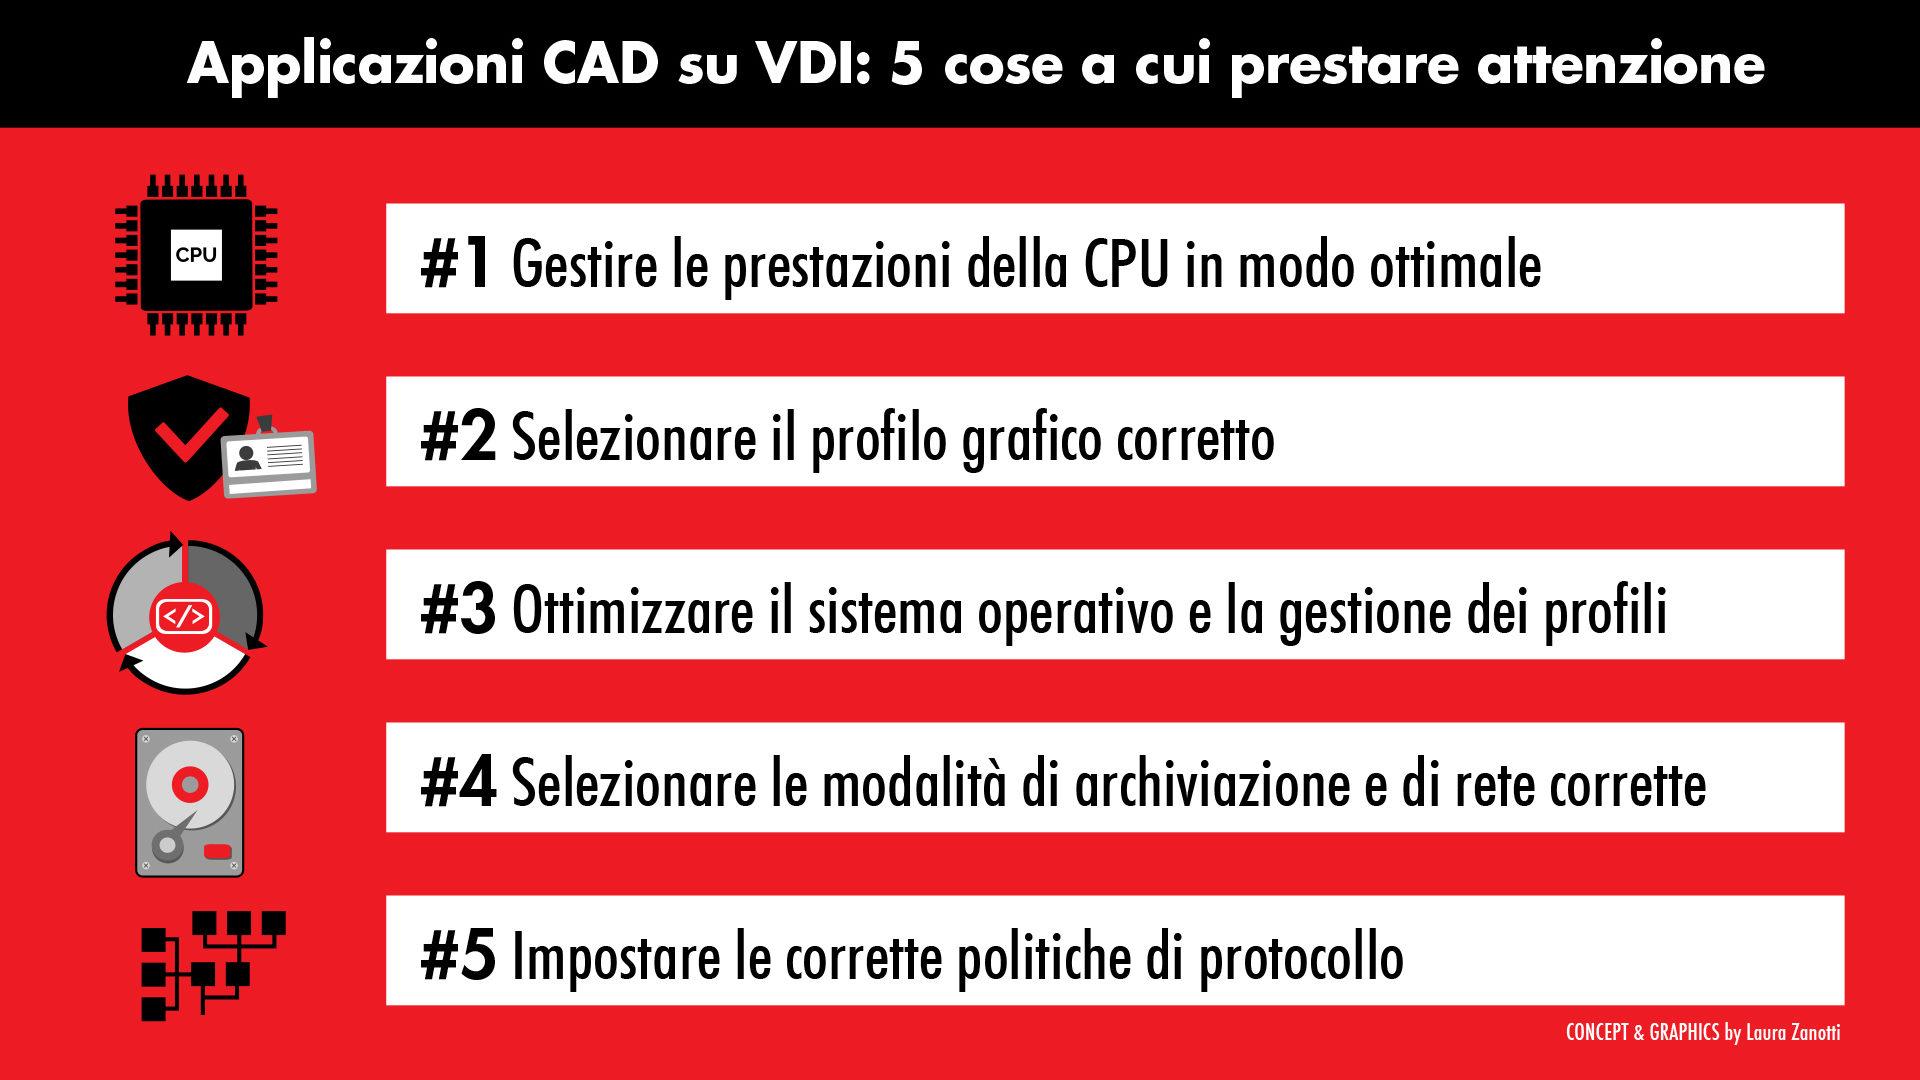 applicazioni CAD su VDI